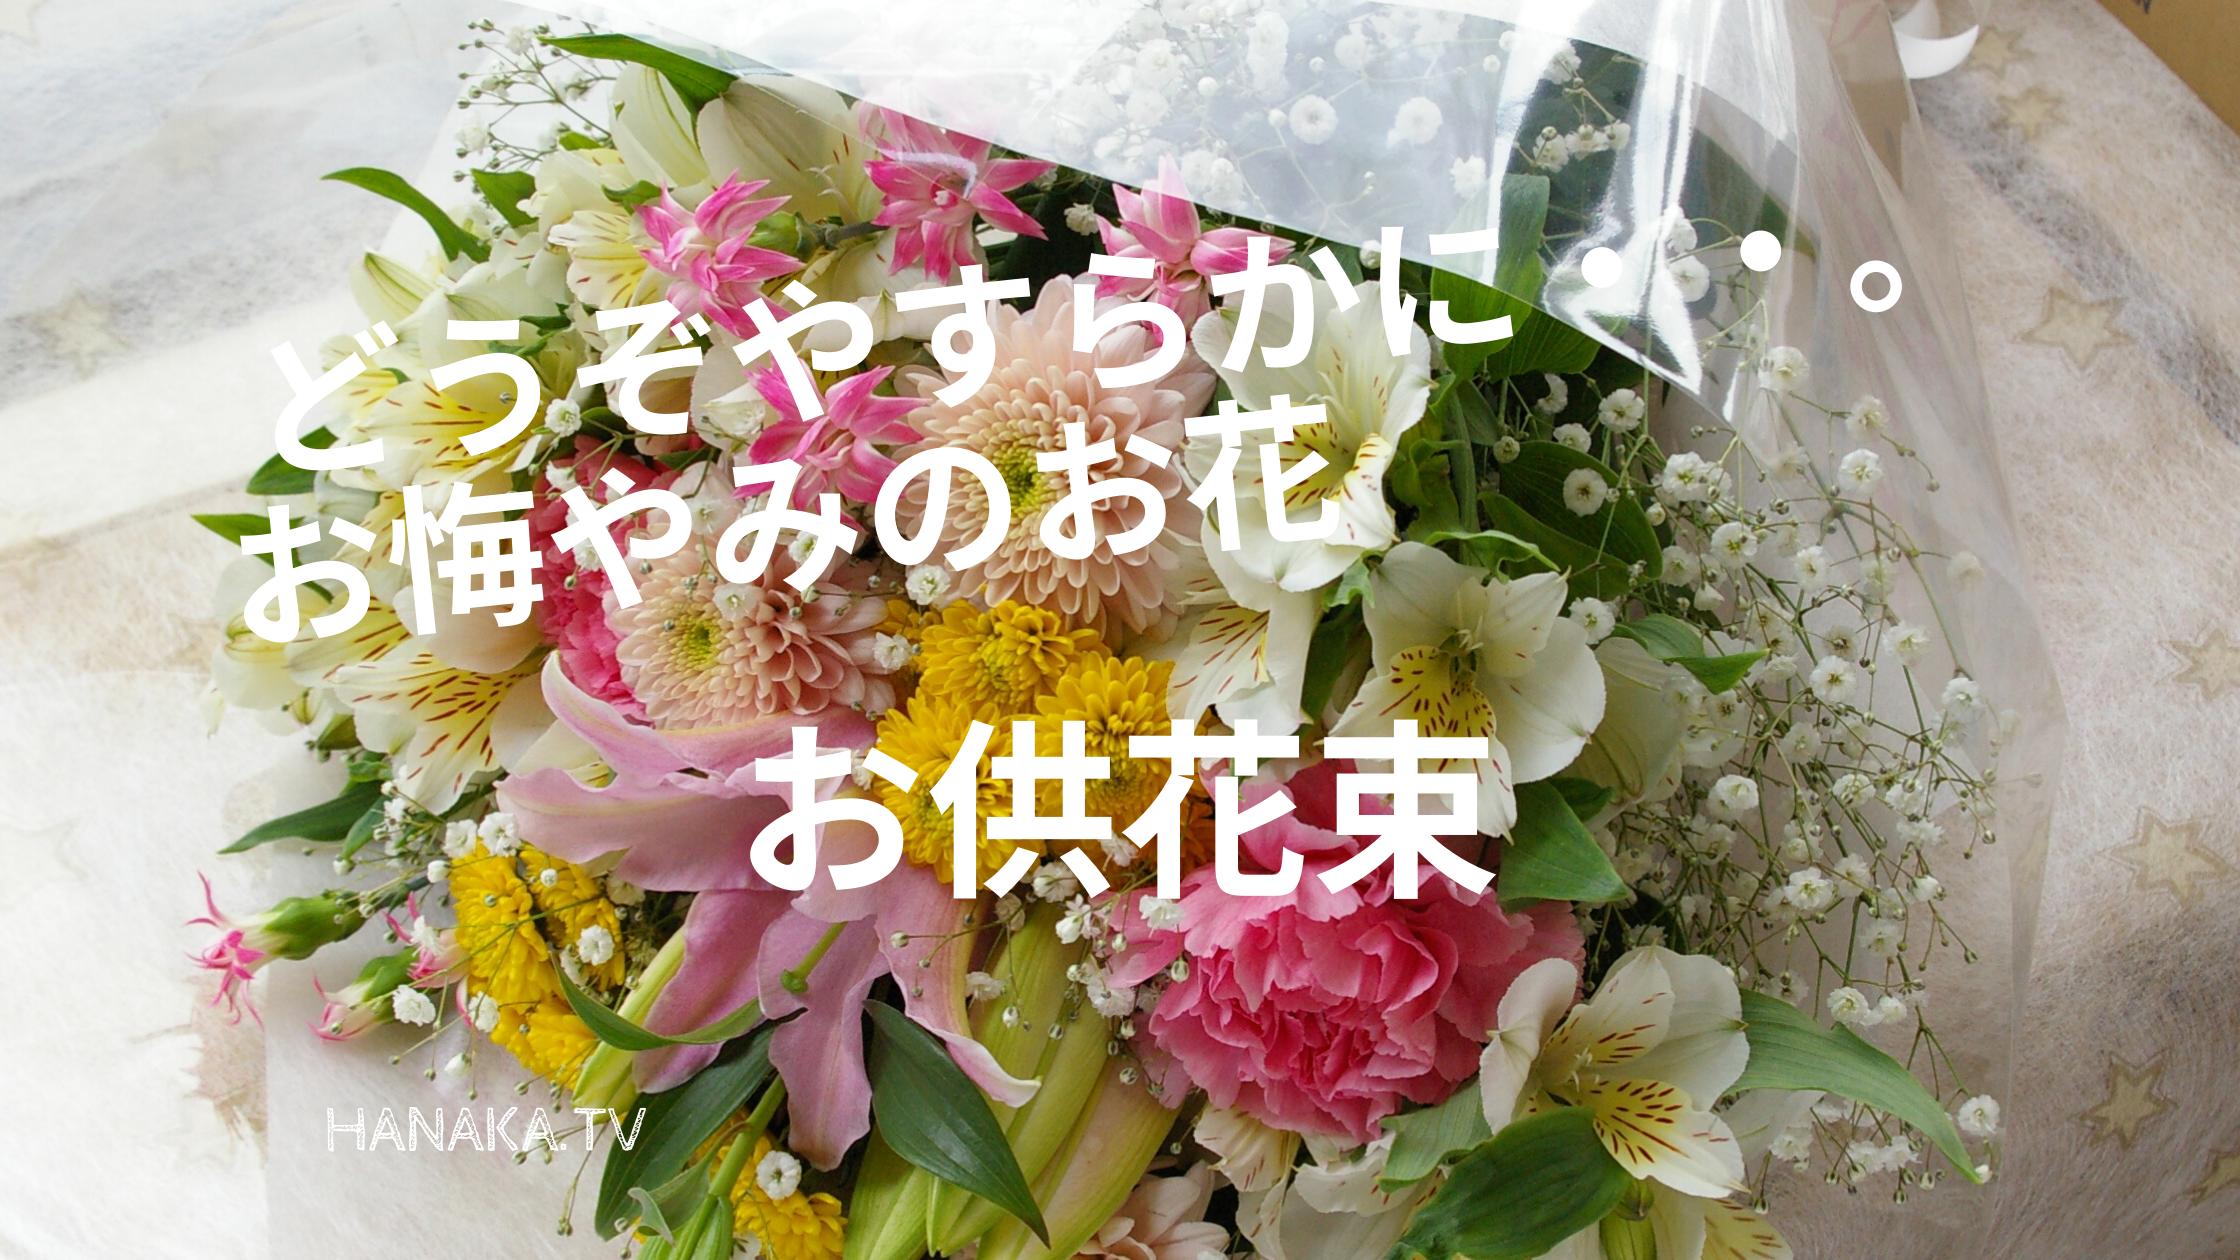 お供え花束バナー